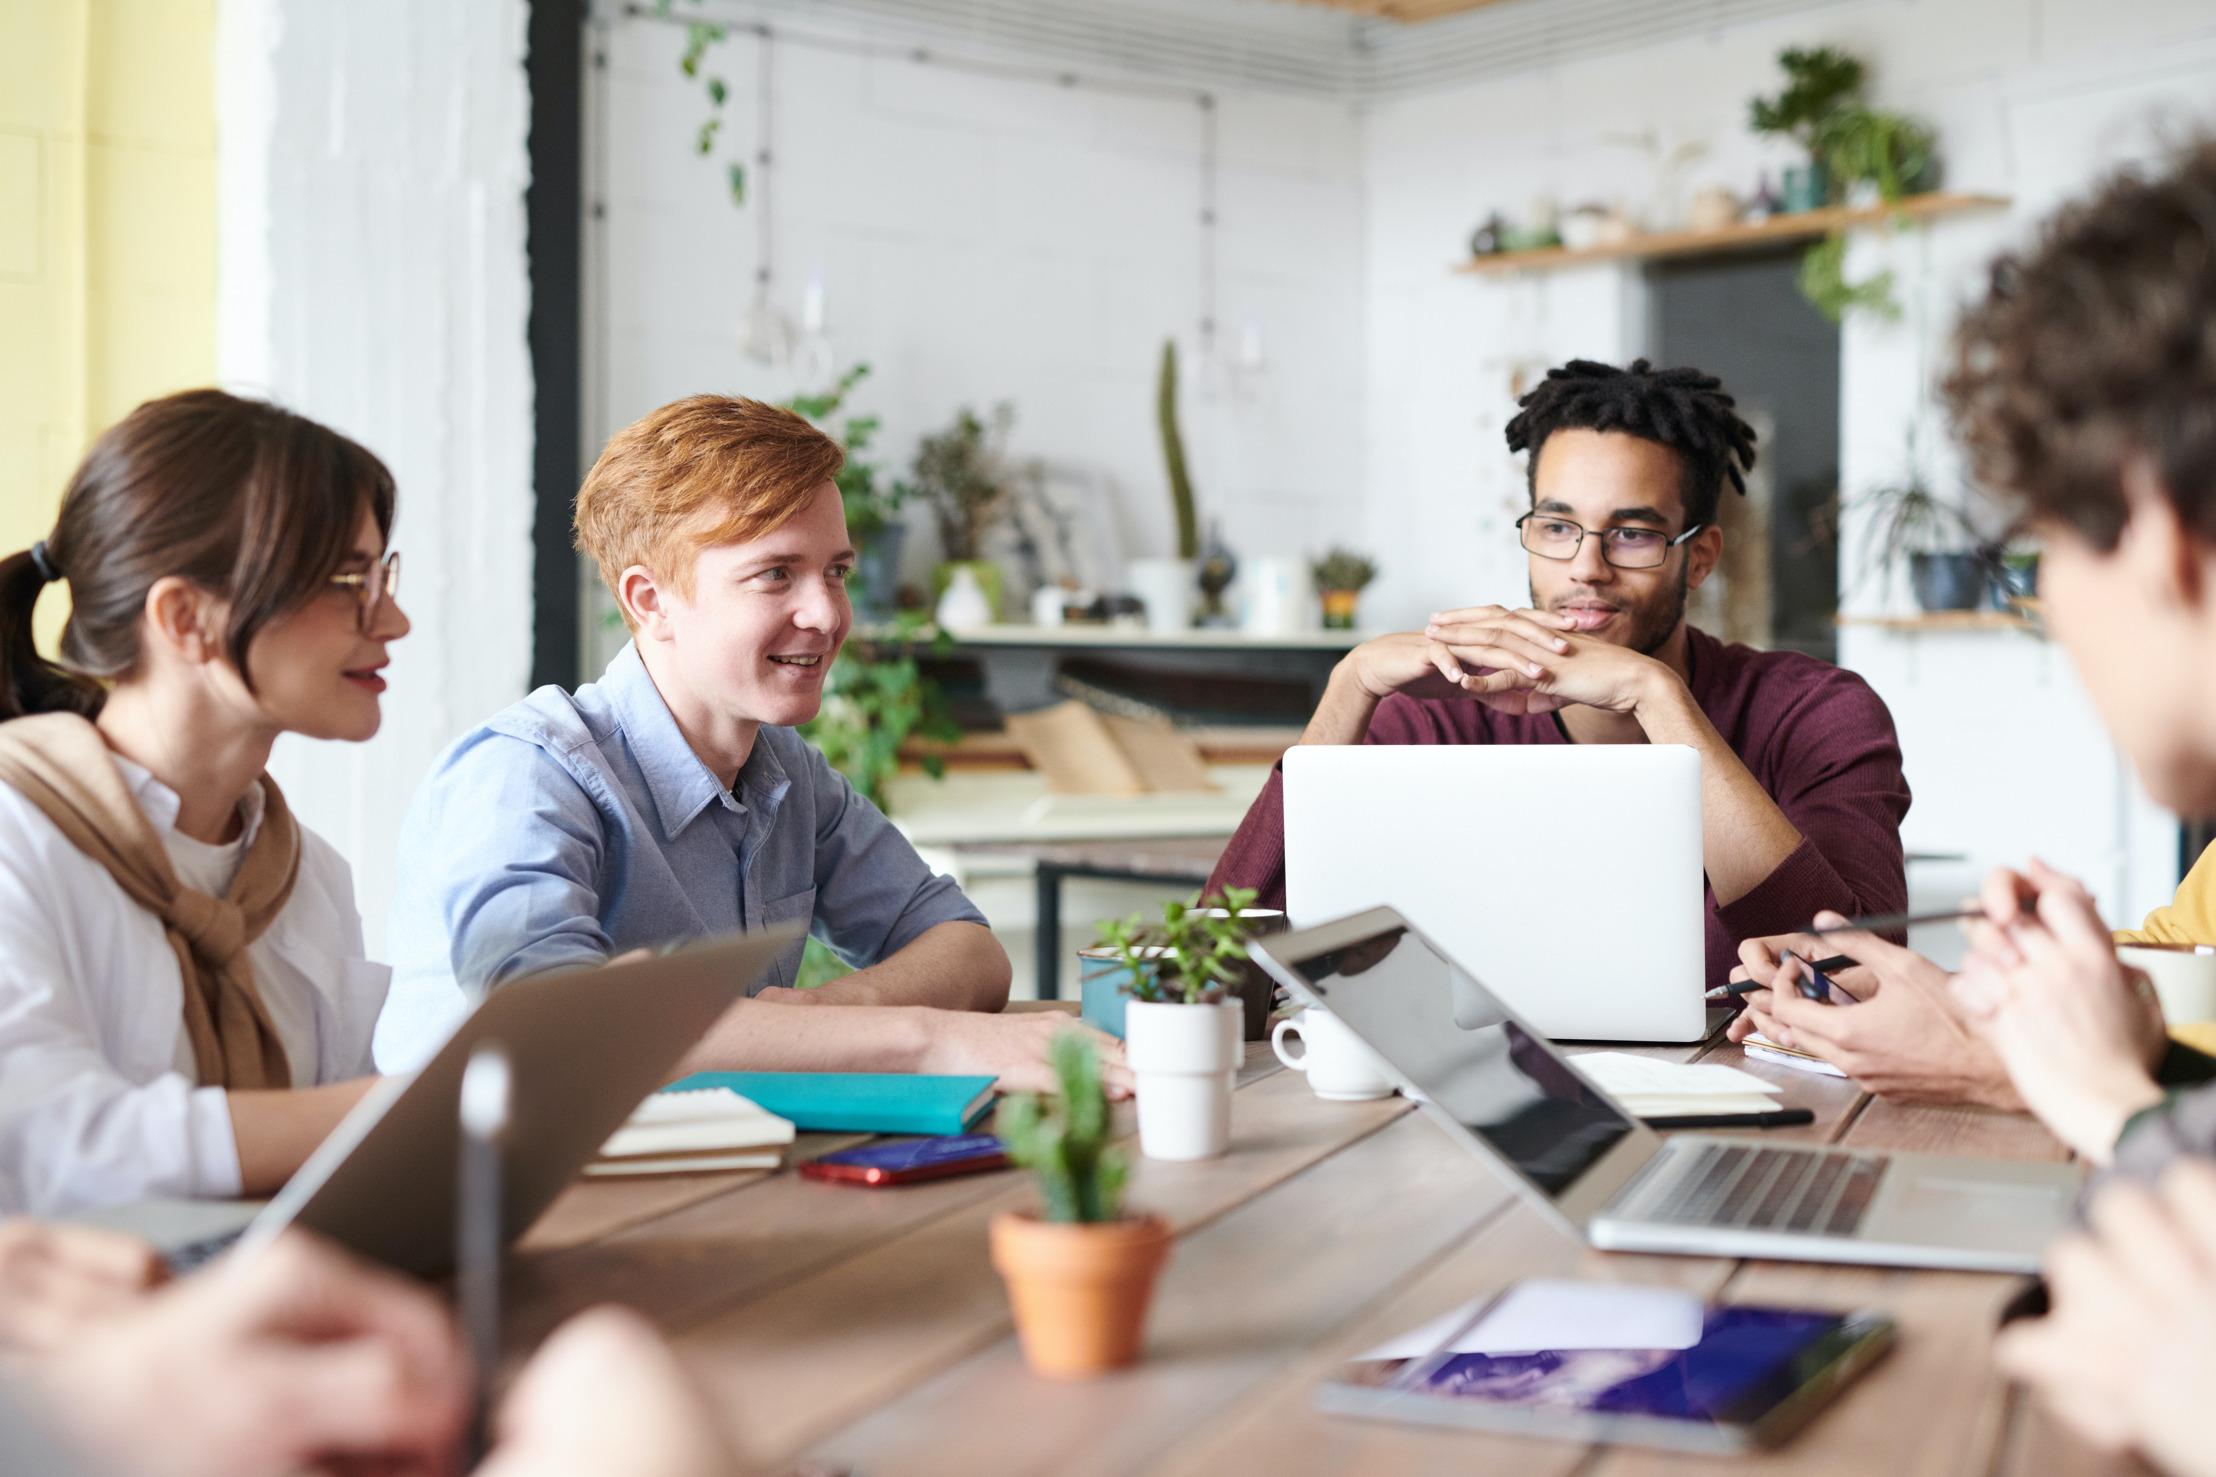 Metodología ágil: ¿por qué y cómo hacer tu compañía más eficiente?